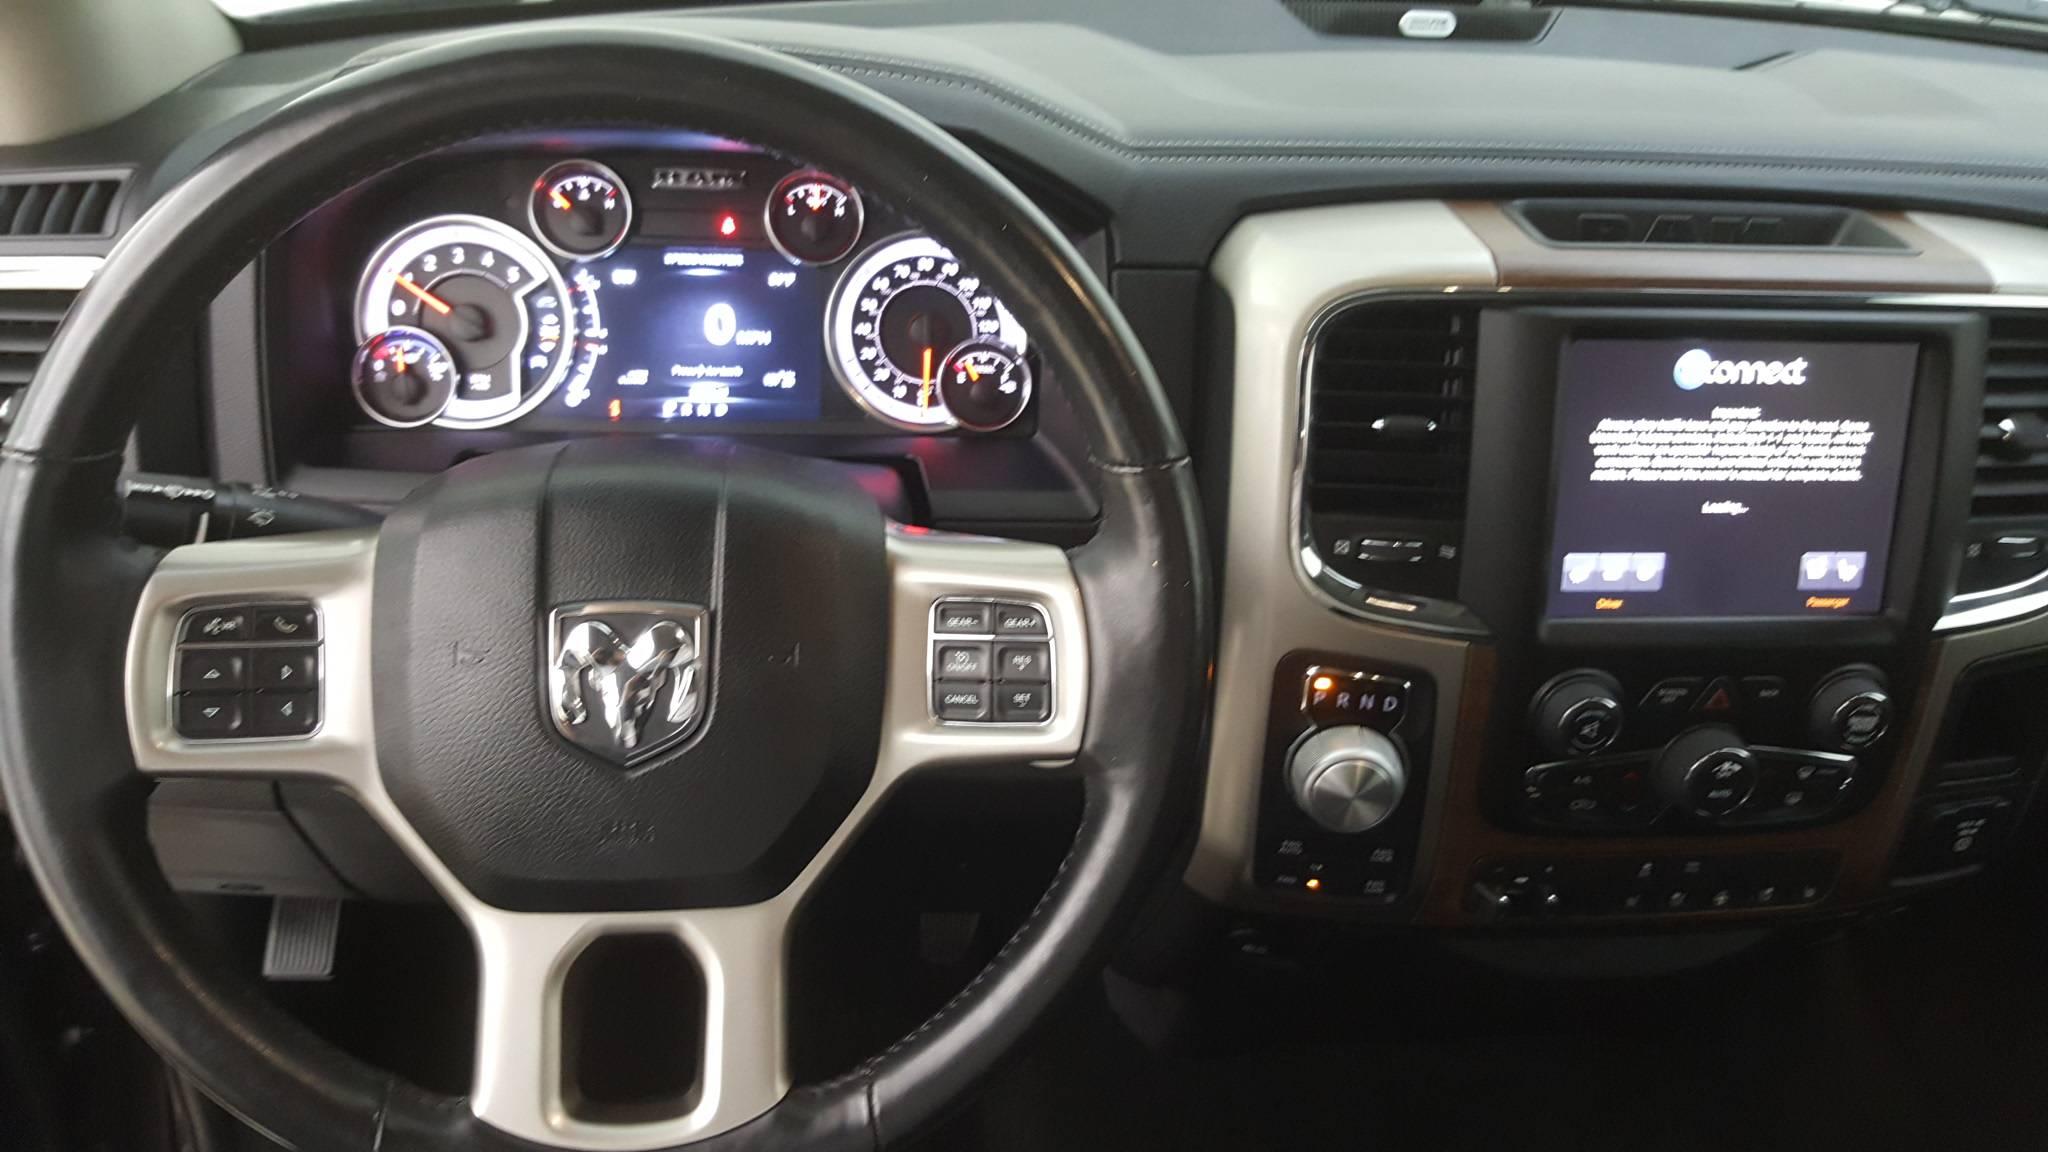 Pre-Owned 2015 Ram 1500 Laramie